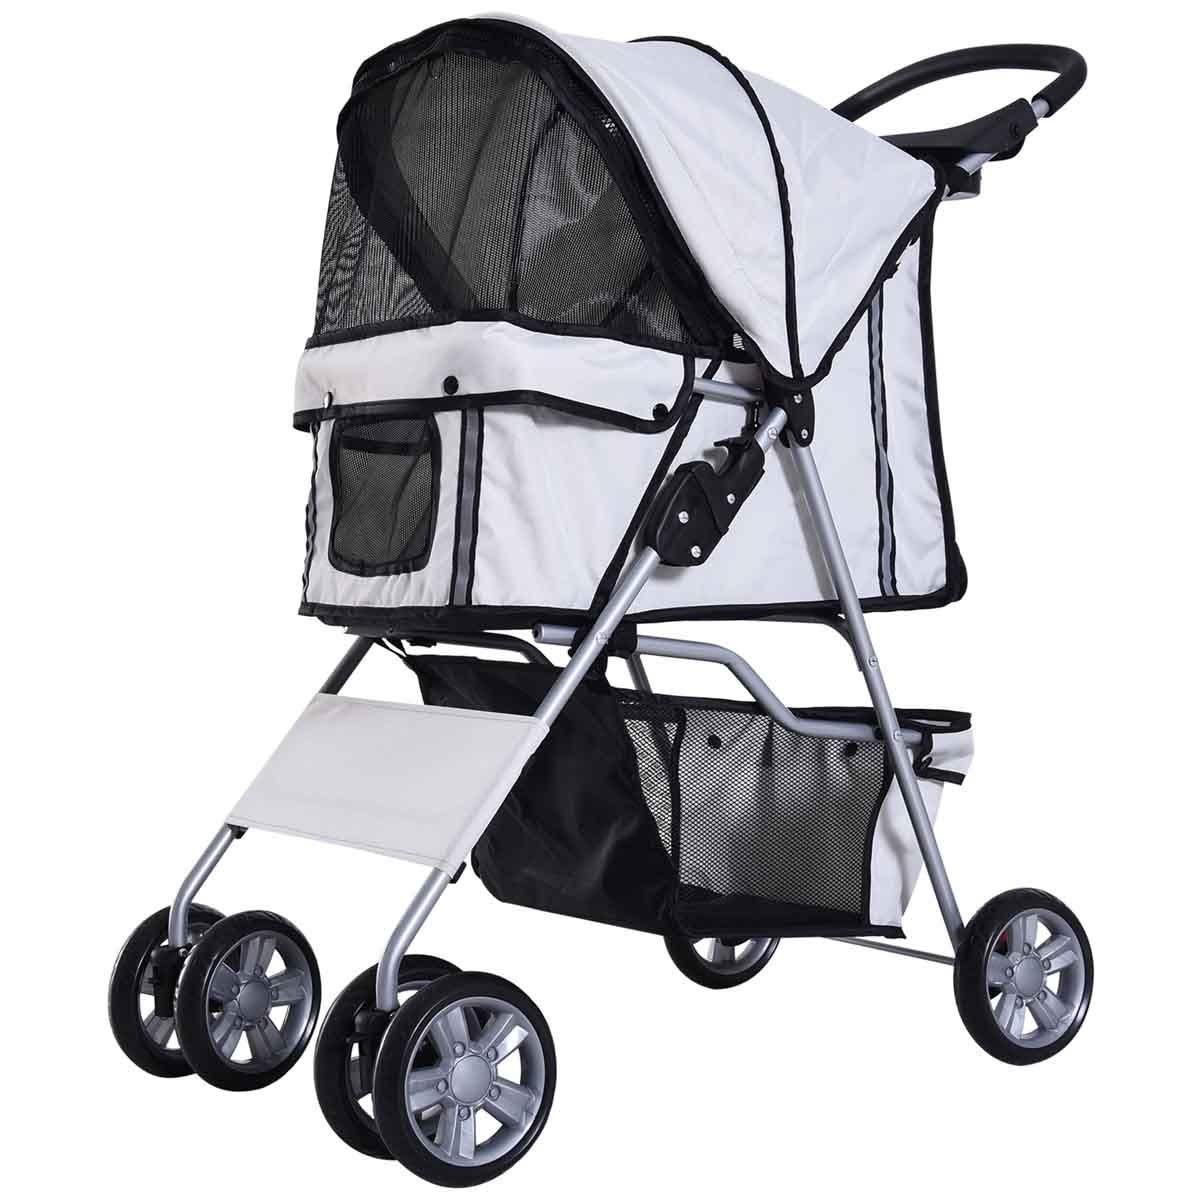 PawHut 4 Wheel Pet Stroller Pram - Grey